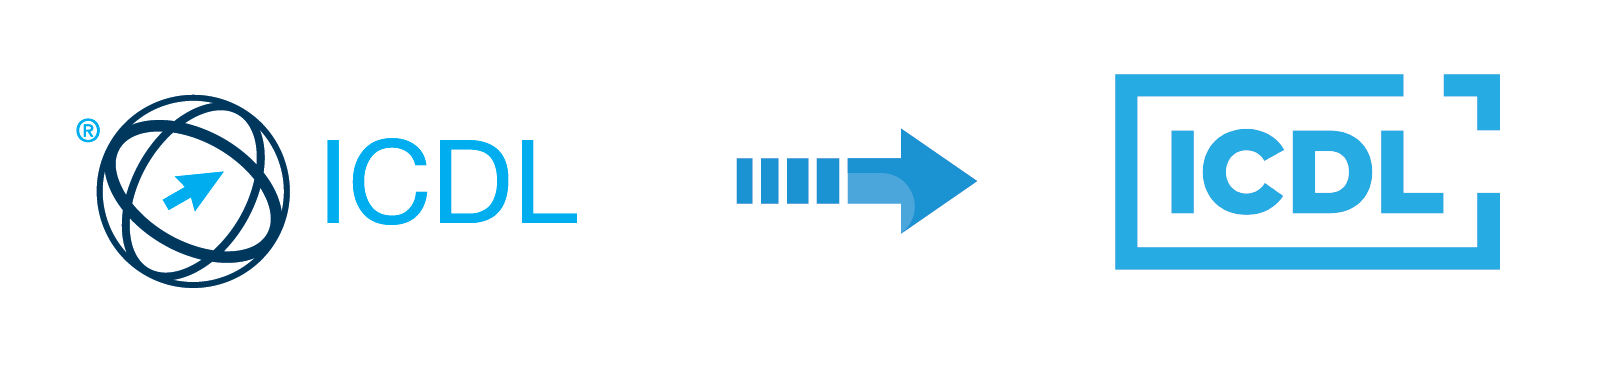 Tổ chức điều hành và cấp chứng chỉ tin học ICDL chính thức thay đổi logo nhận diện